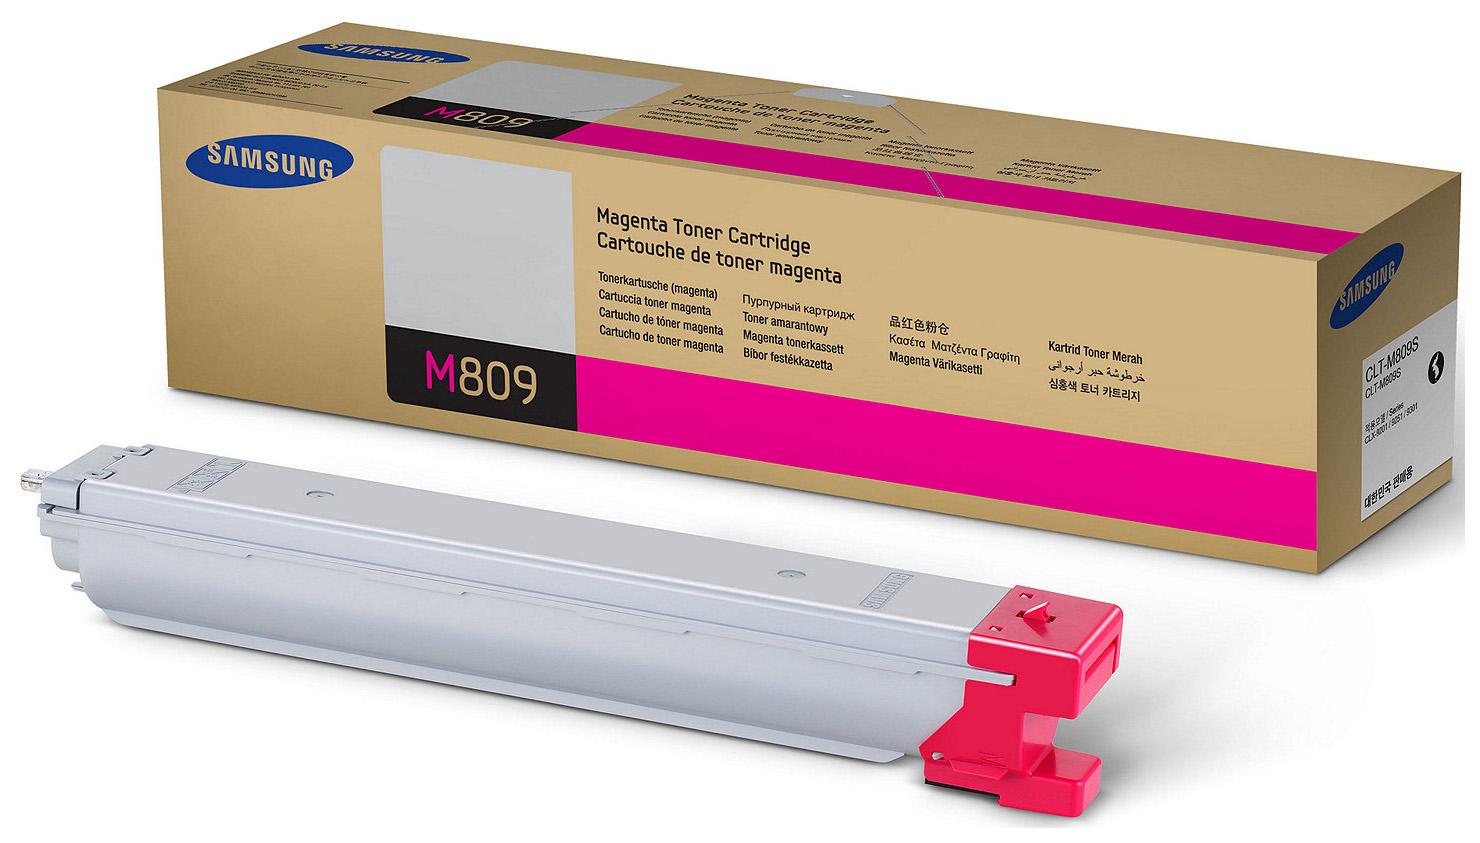 Картридж для лазерного принтера Samsung CLT-M809S, пурпурный, оригинал